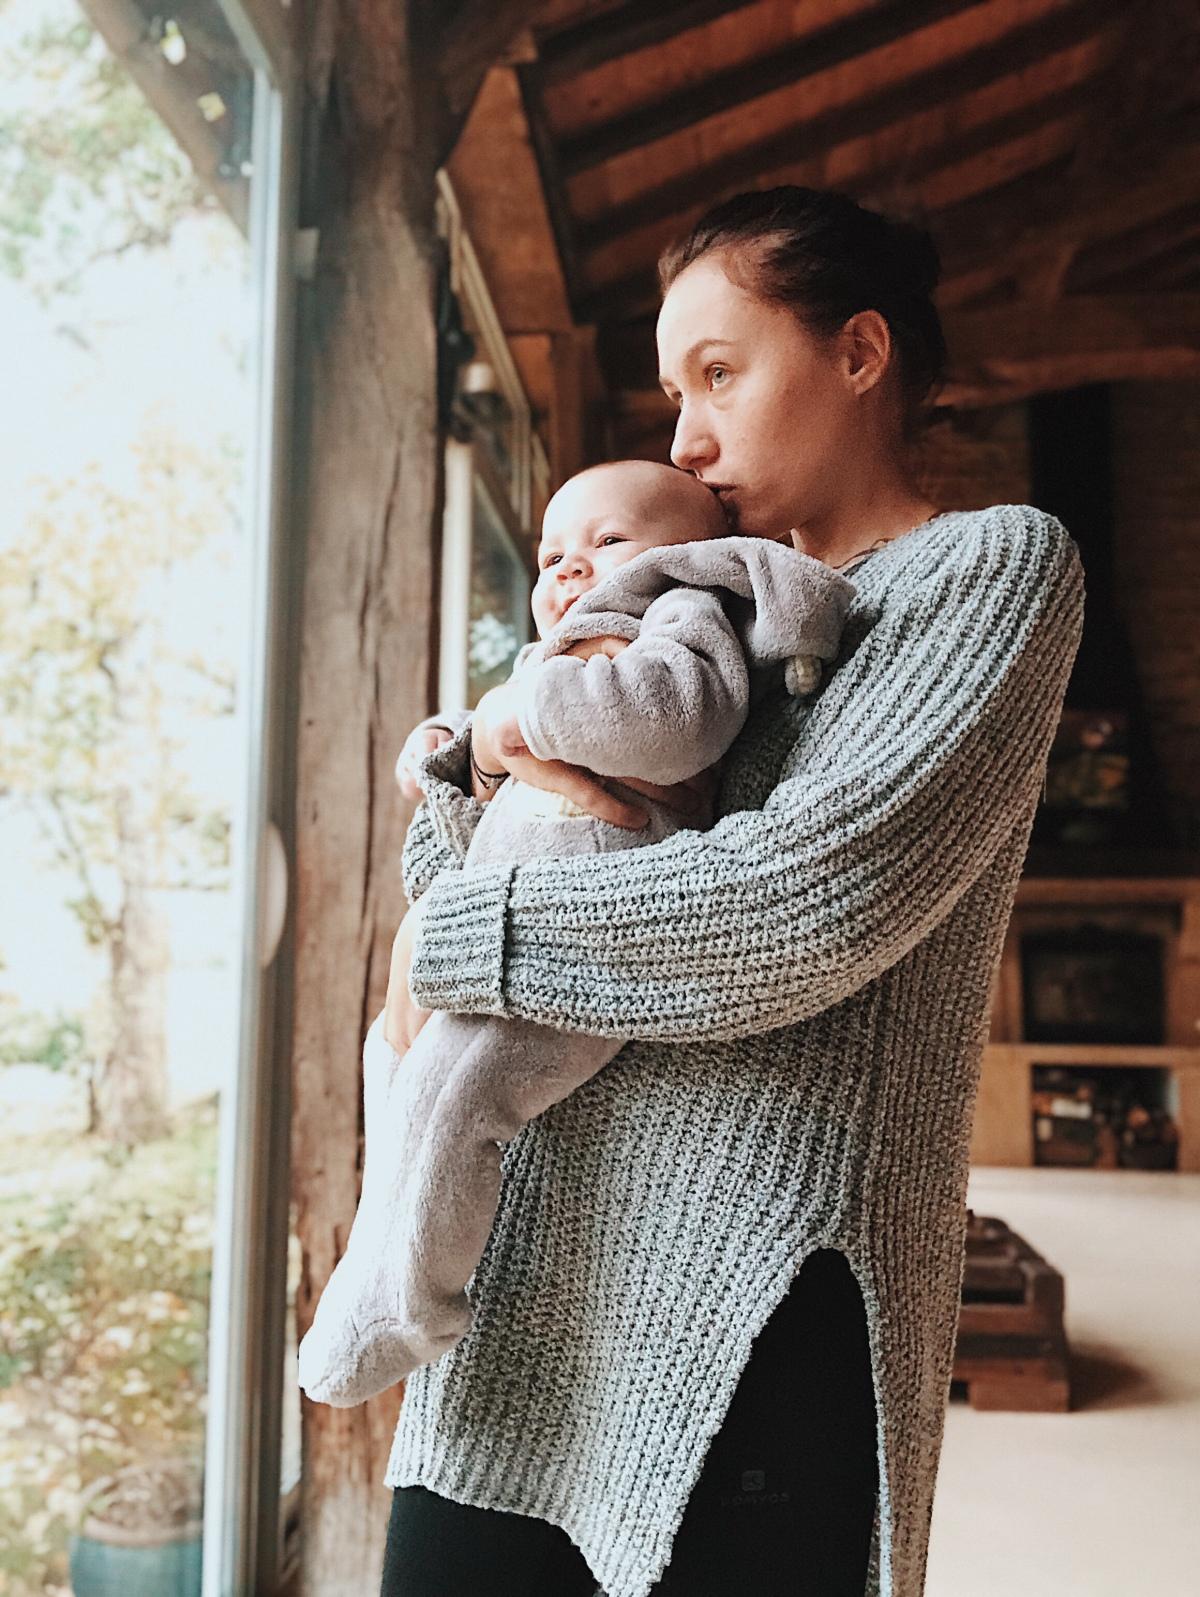 Andrea a 3 mois, et maman dans tout ça?